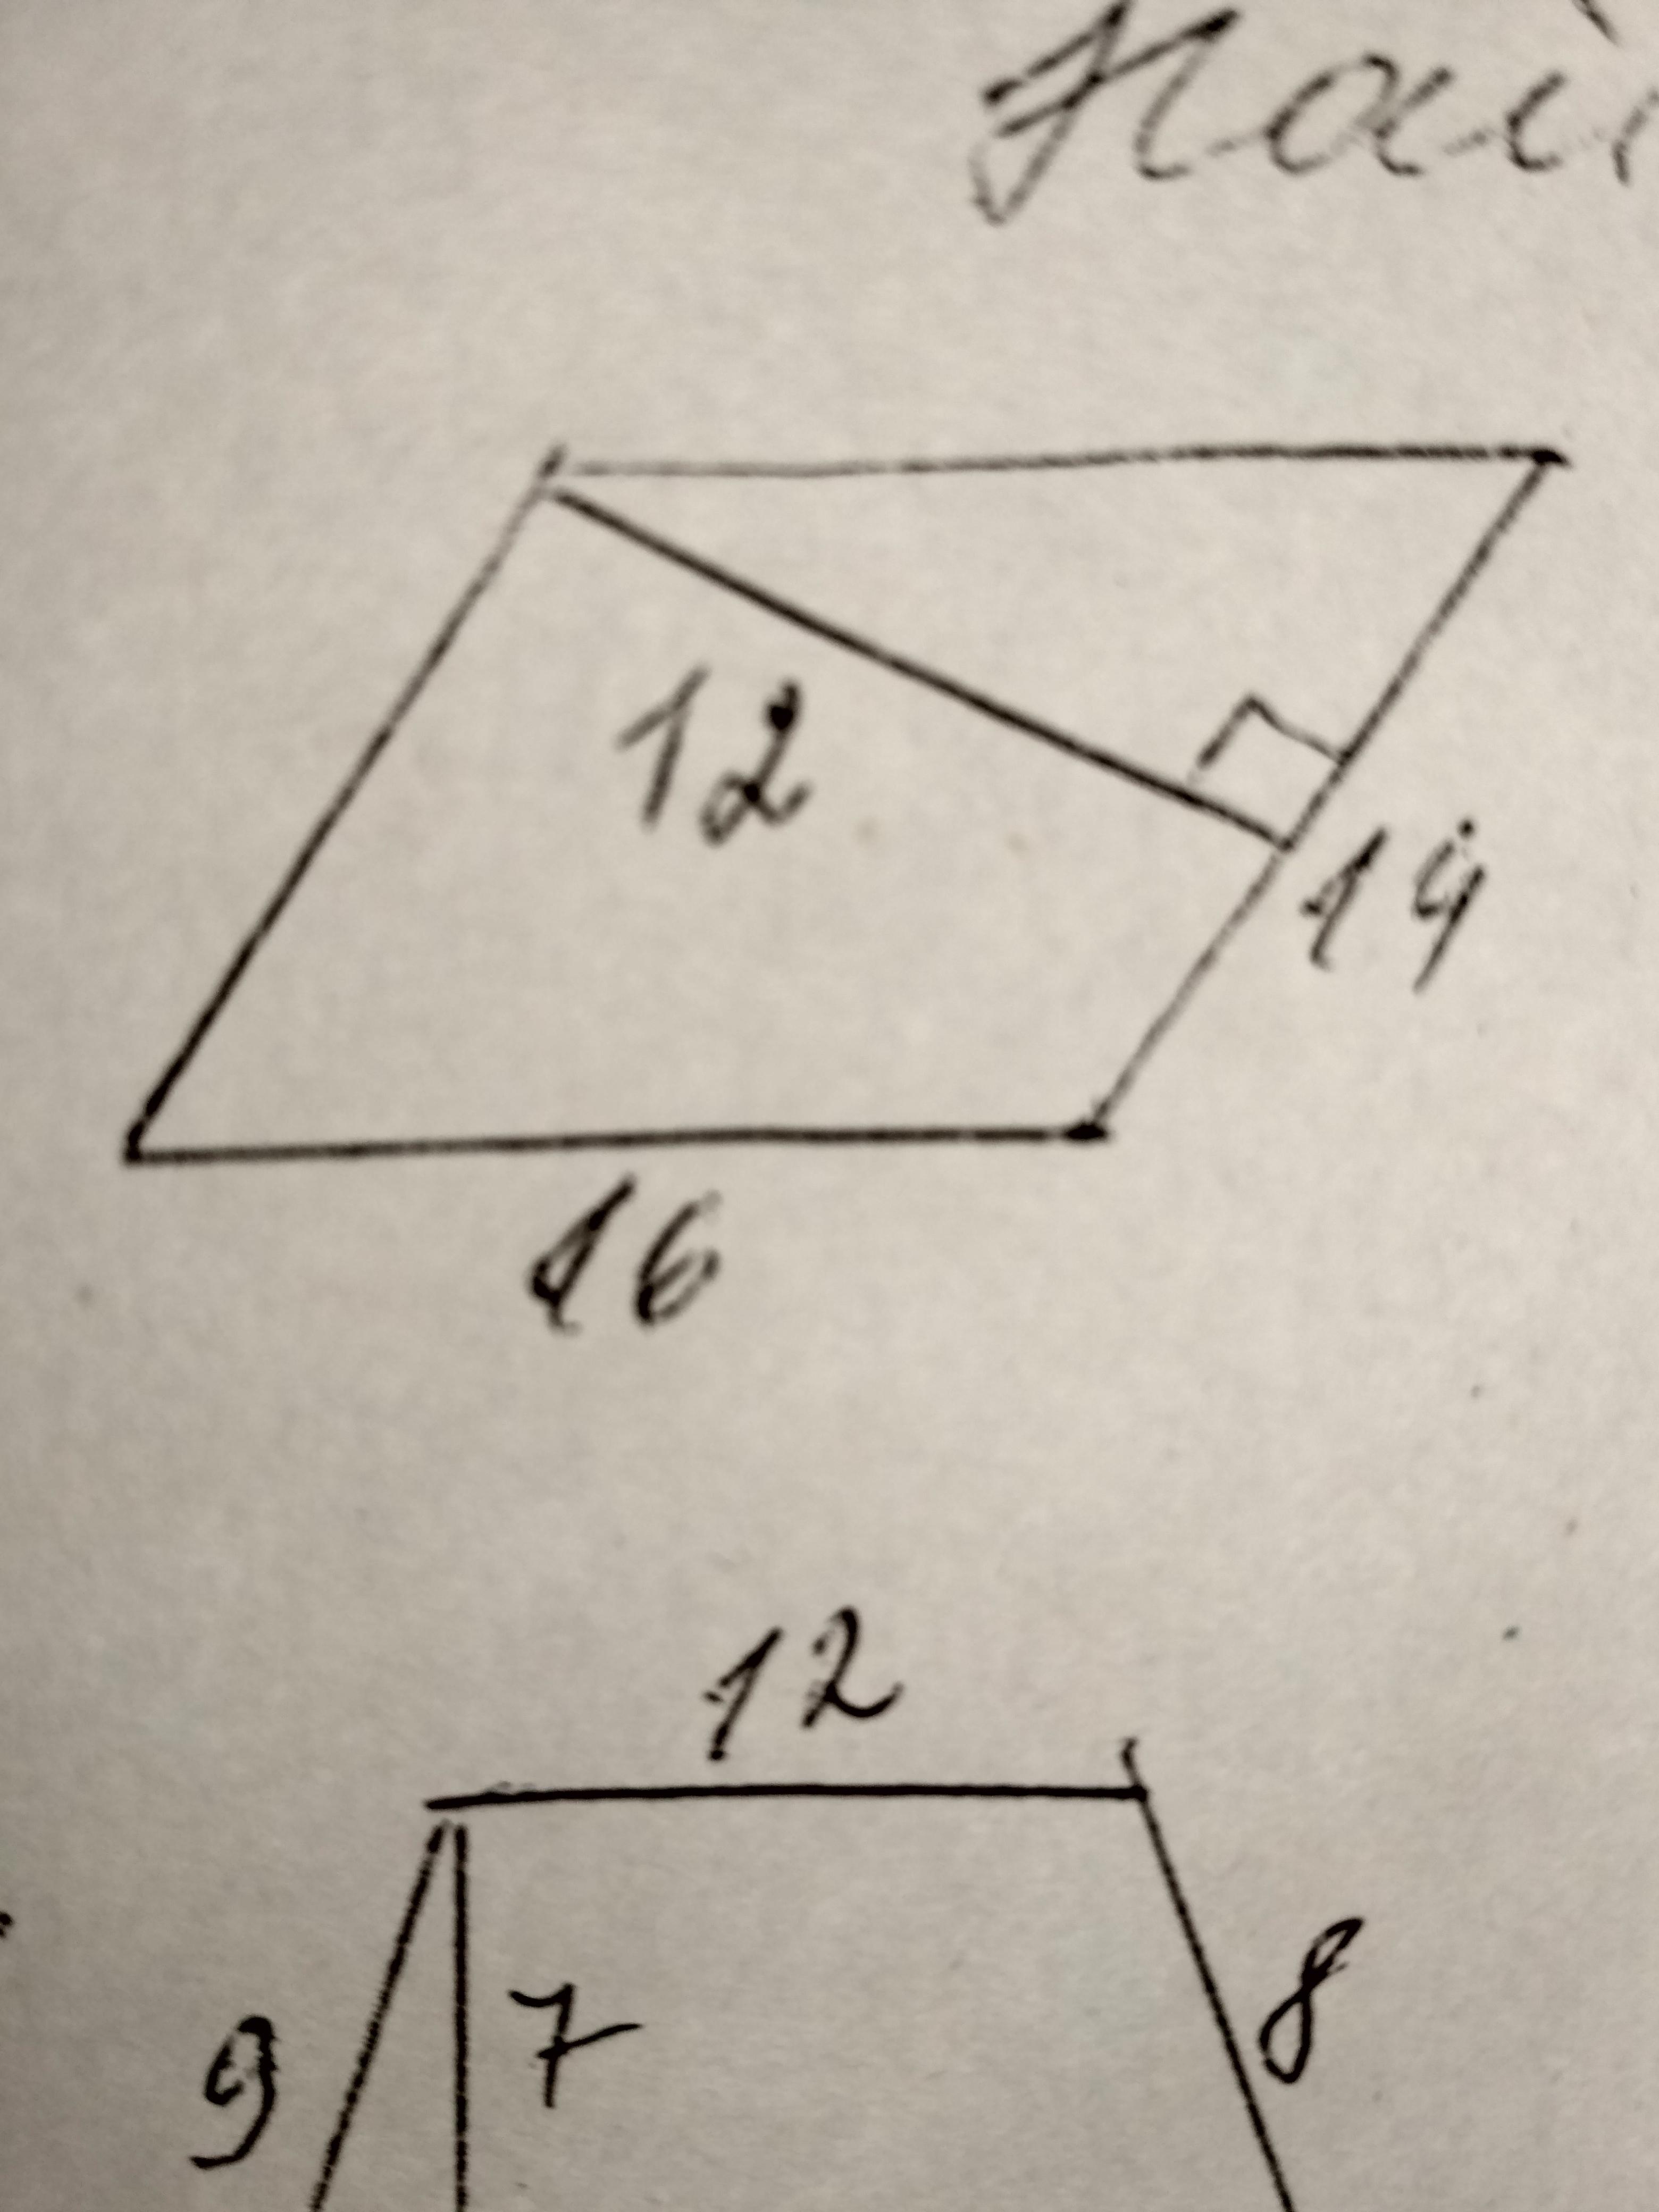 найти площадь контрольная работа по геометрии класс Школьные  Найти площадь контрольная работа по геометрии 9 класс